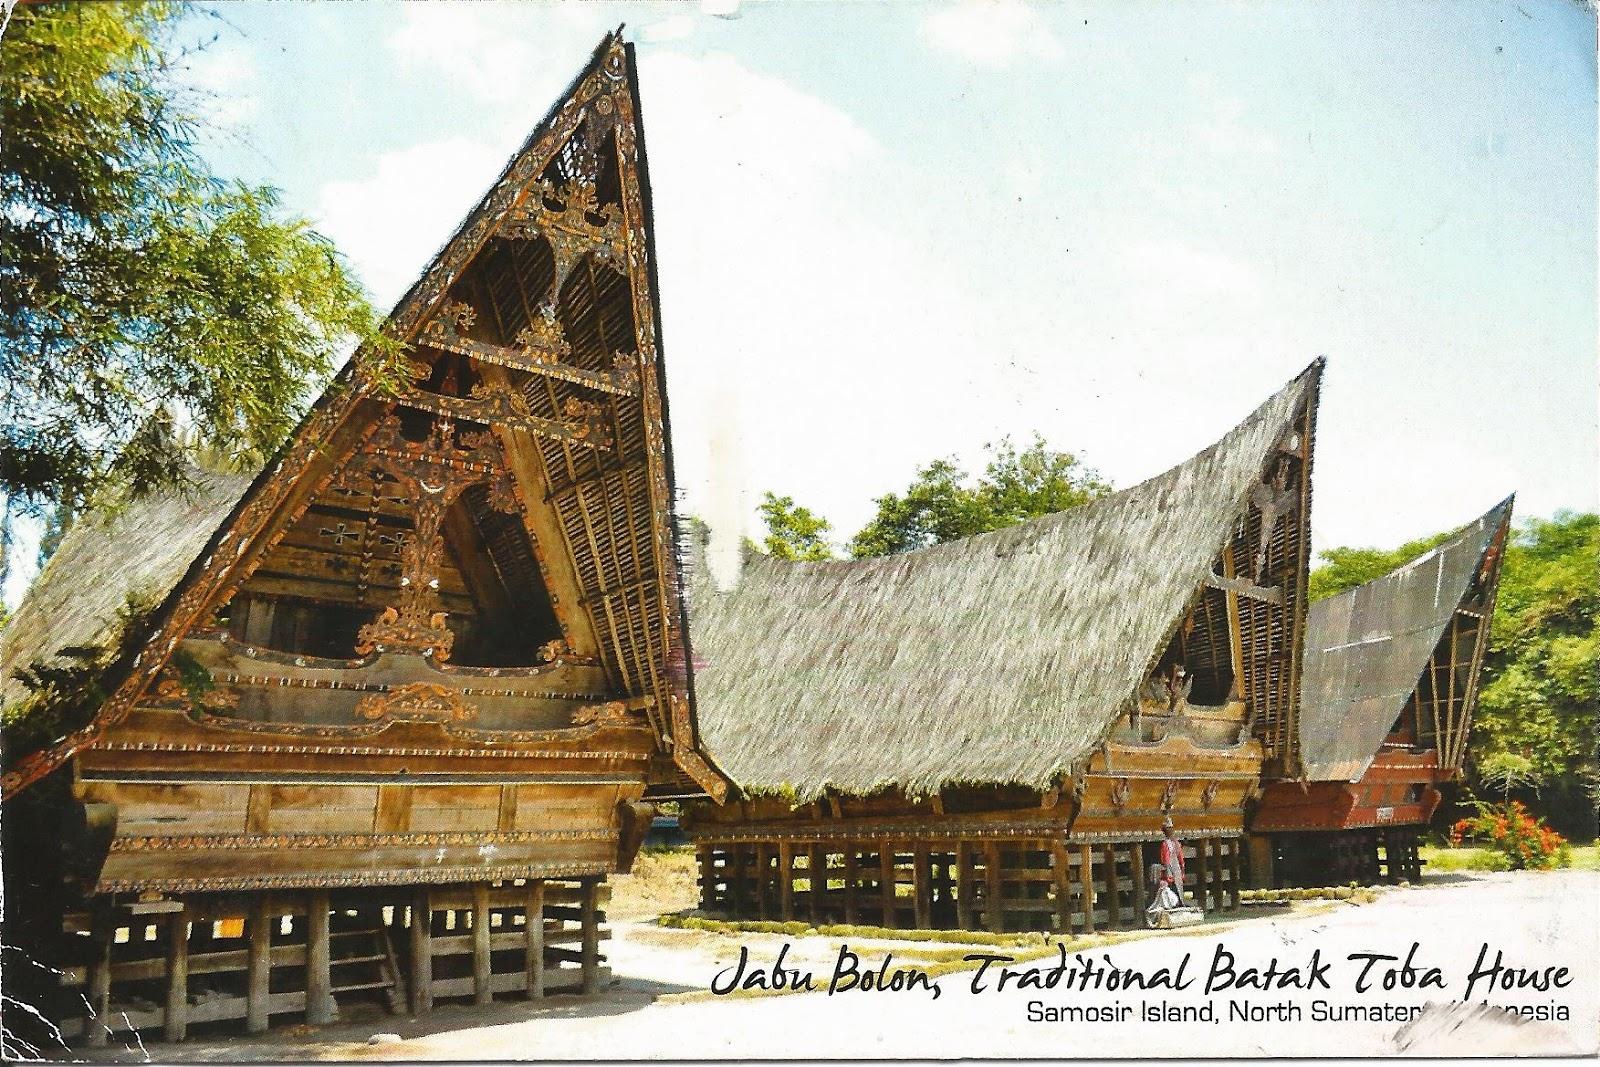 Batak Toba Houses